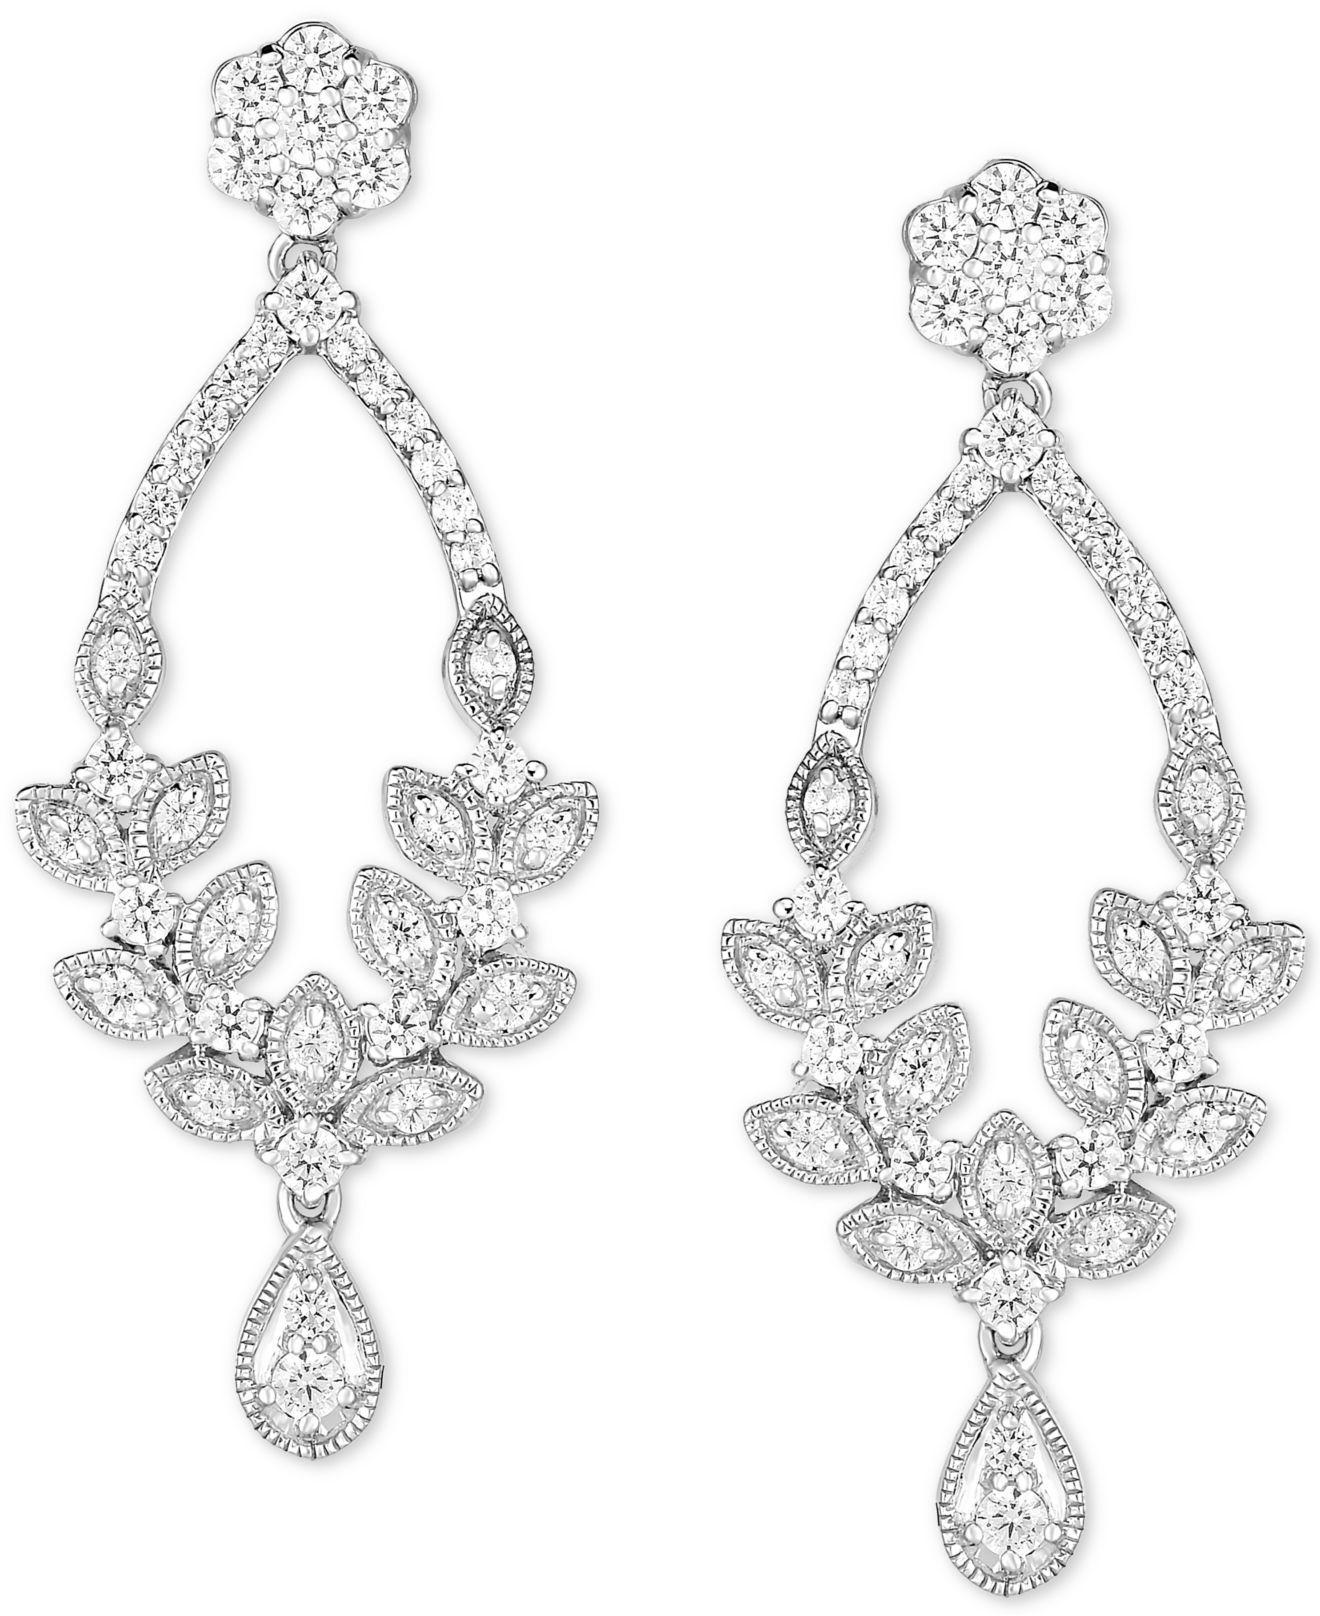 Diamond Chandelier Earrings 1 Ct T W In 14k White Gold View Fullscreen